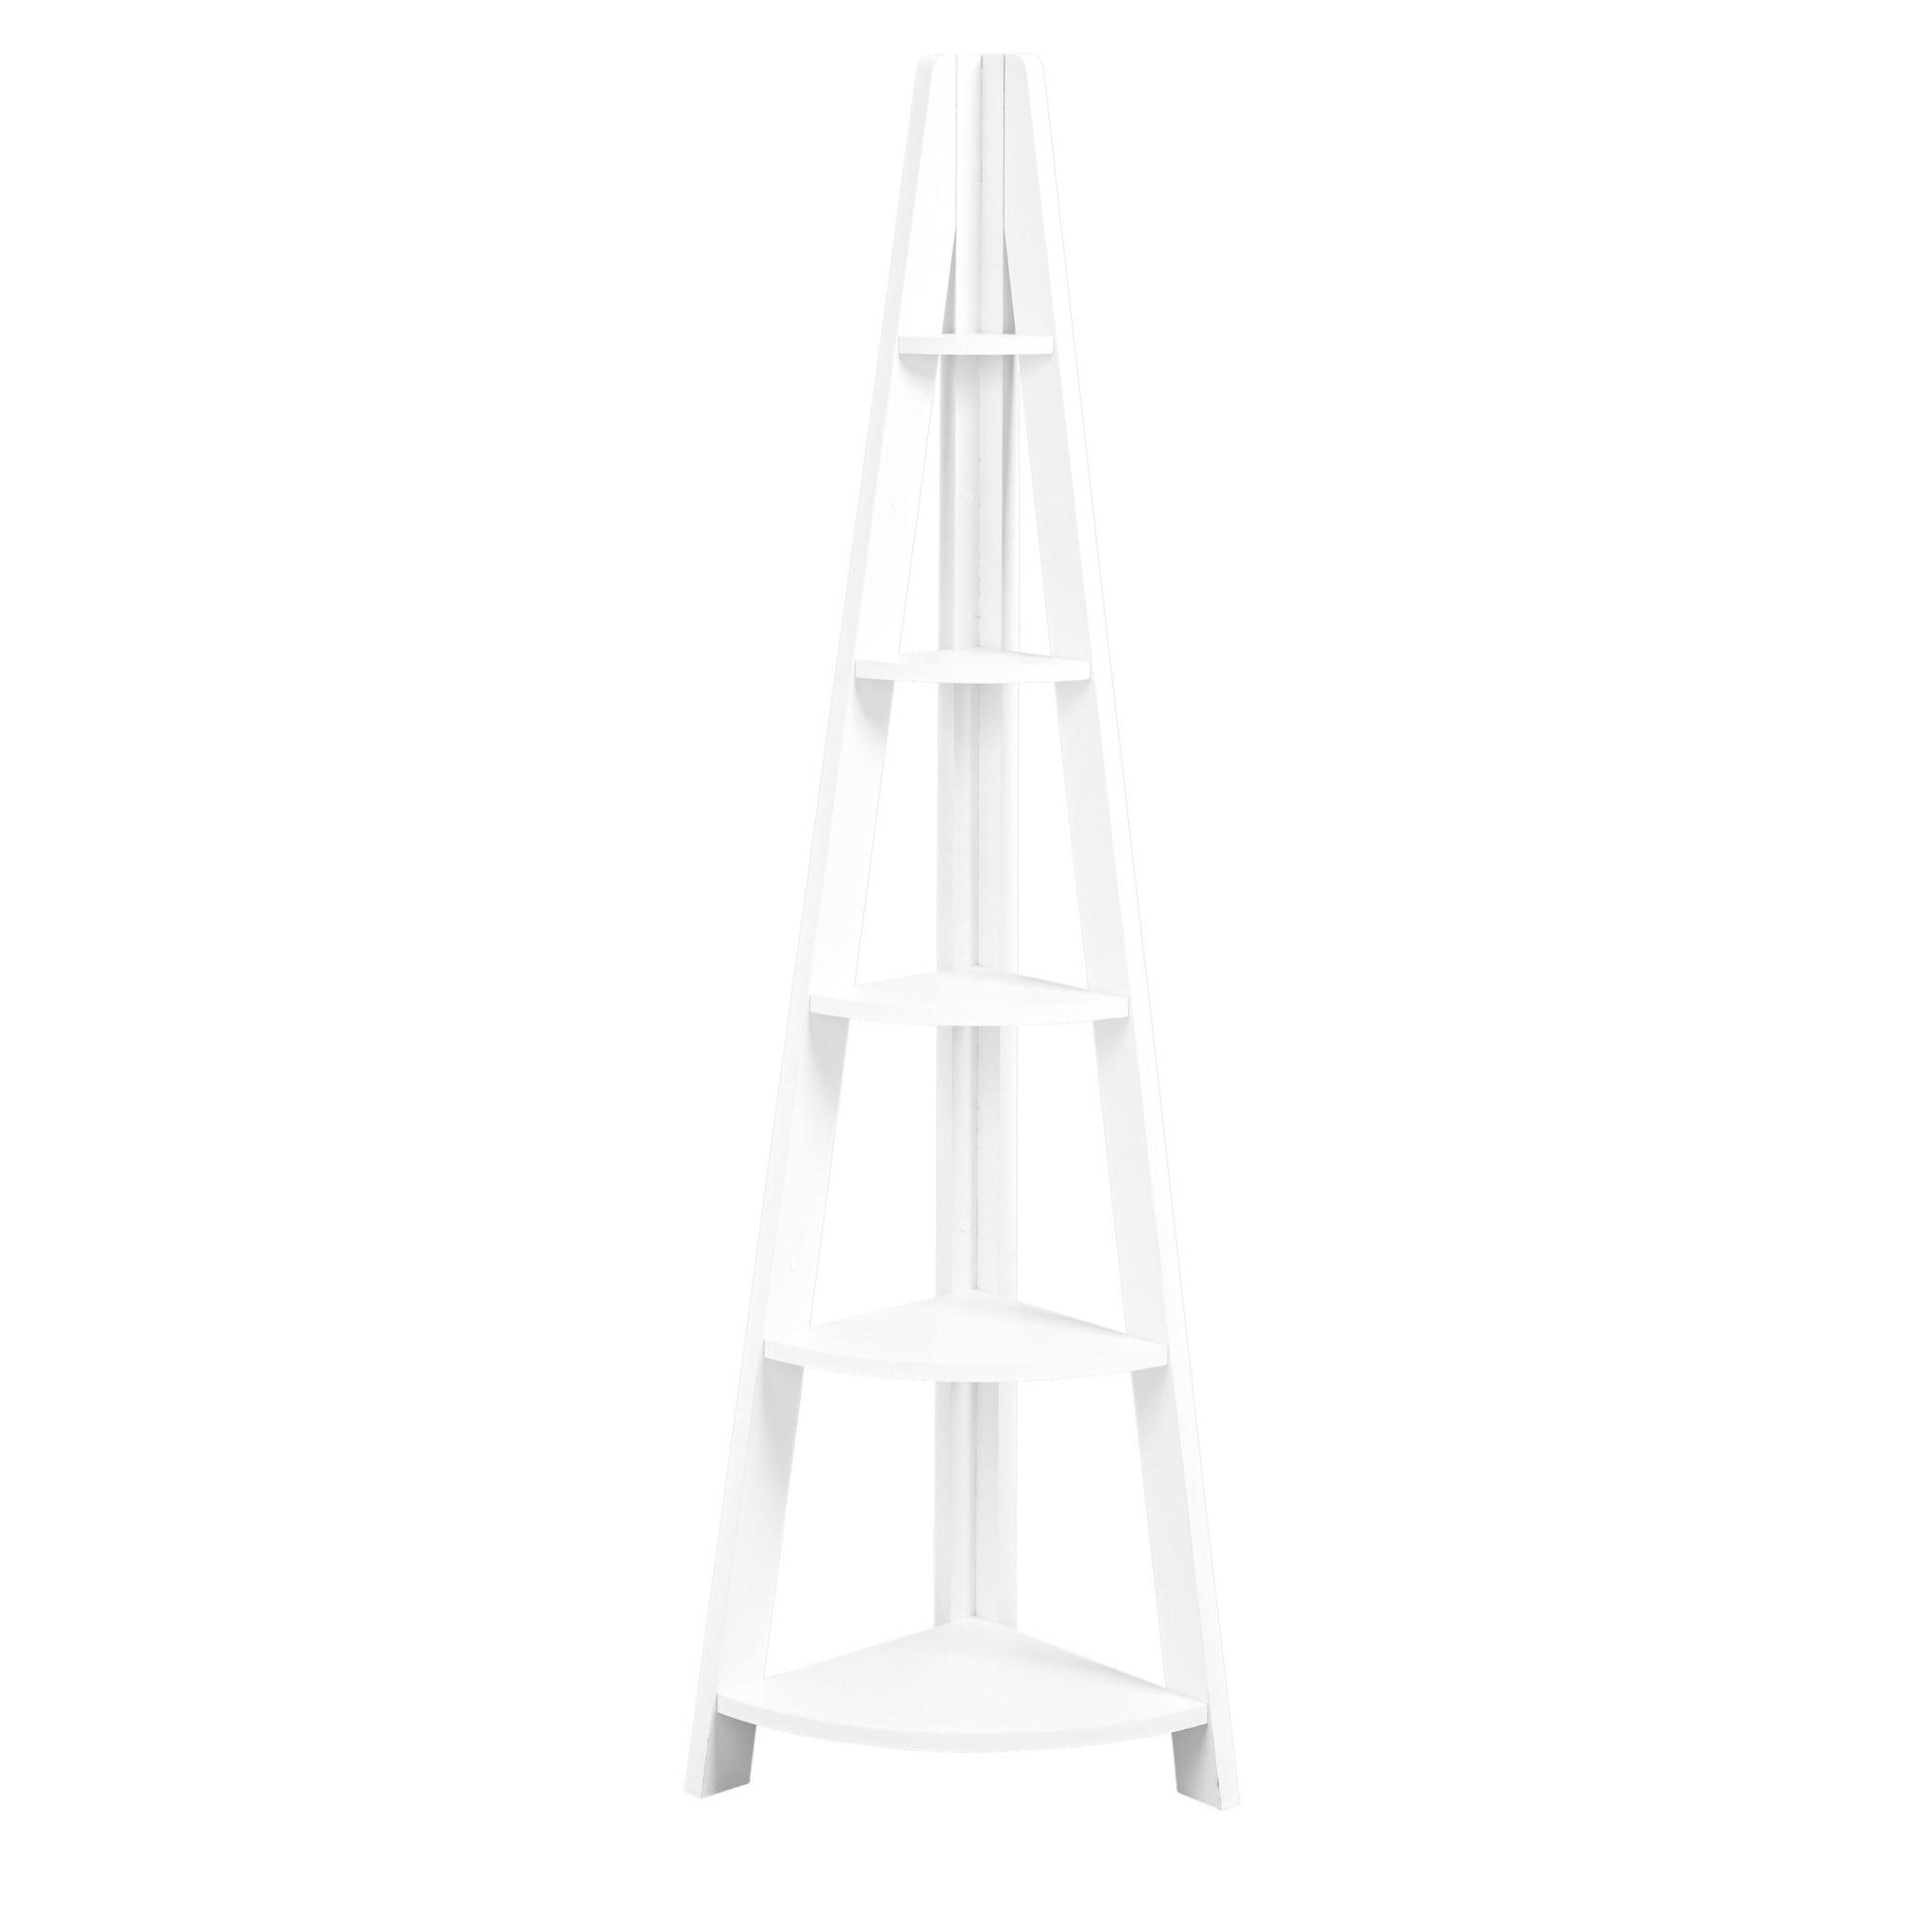 Toddny Corner Ladder Shelving White